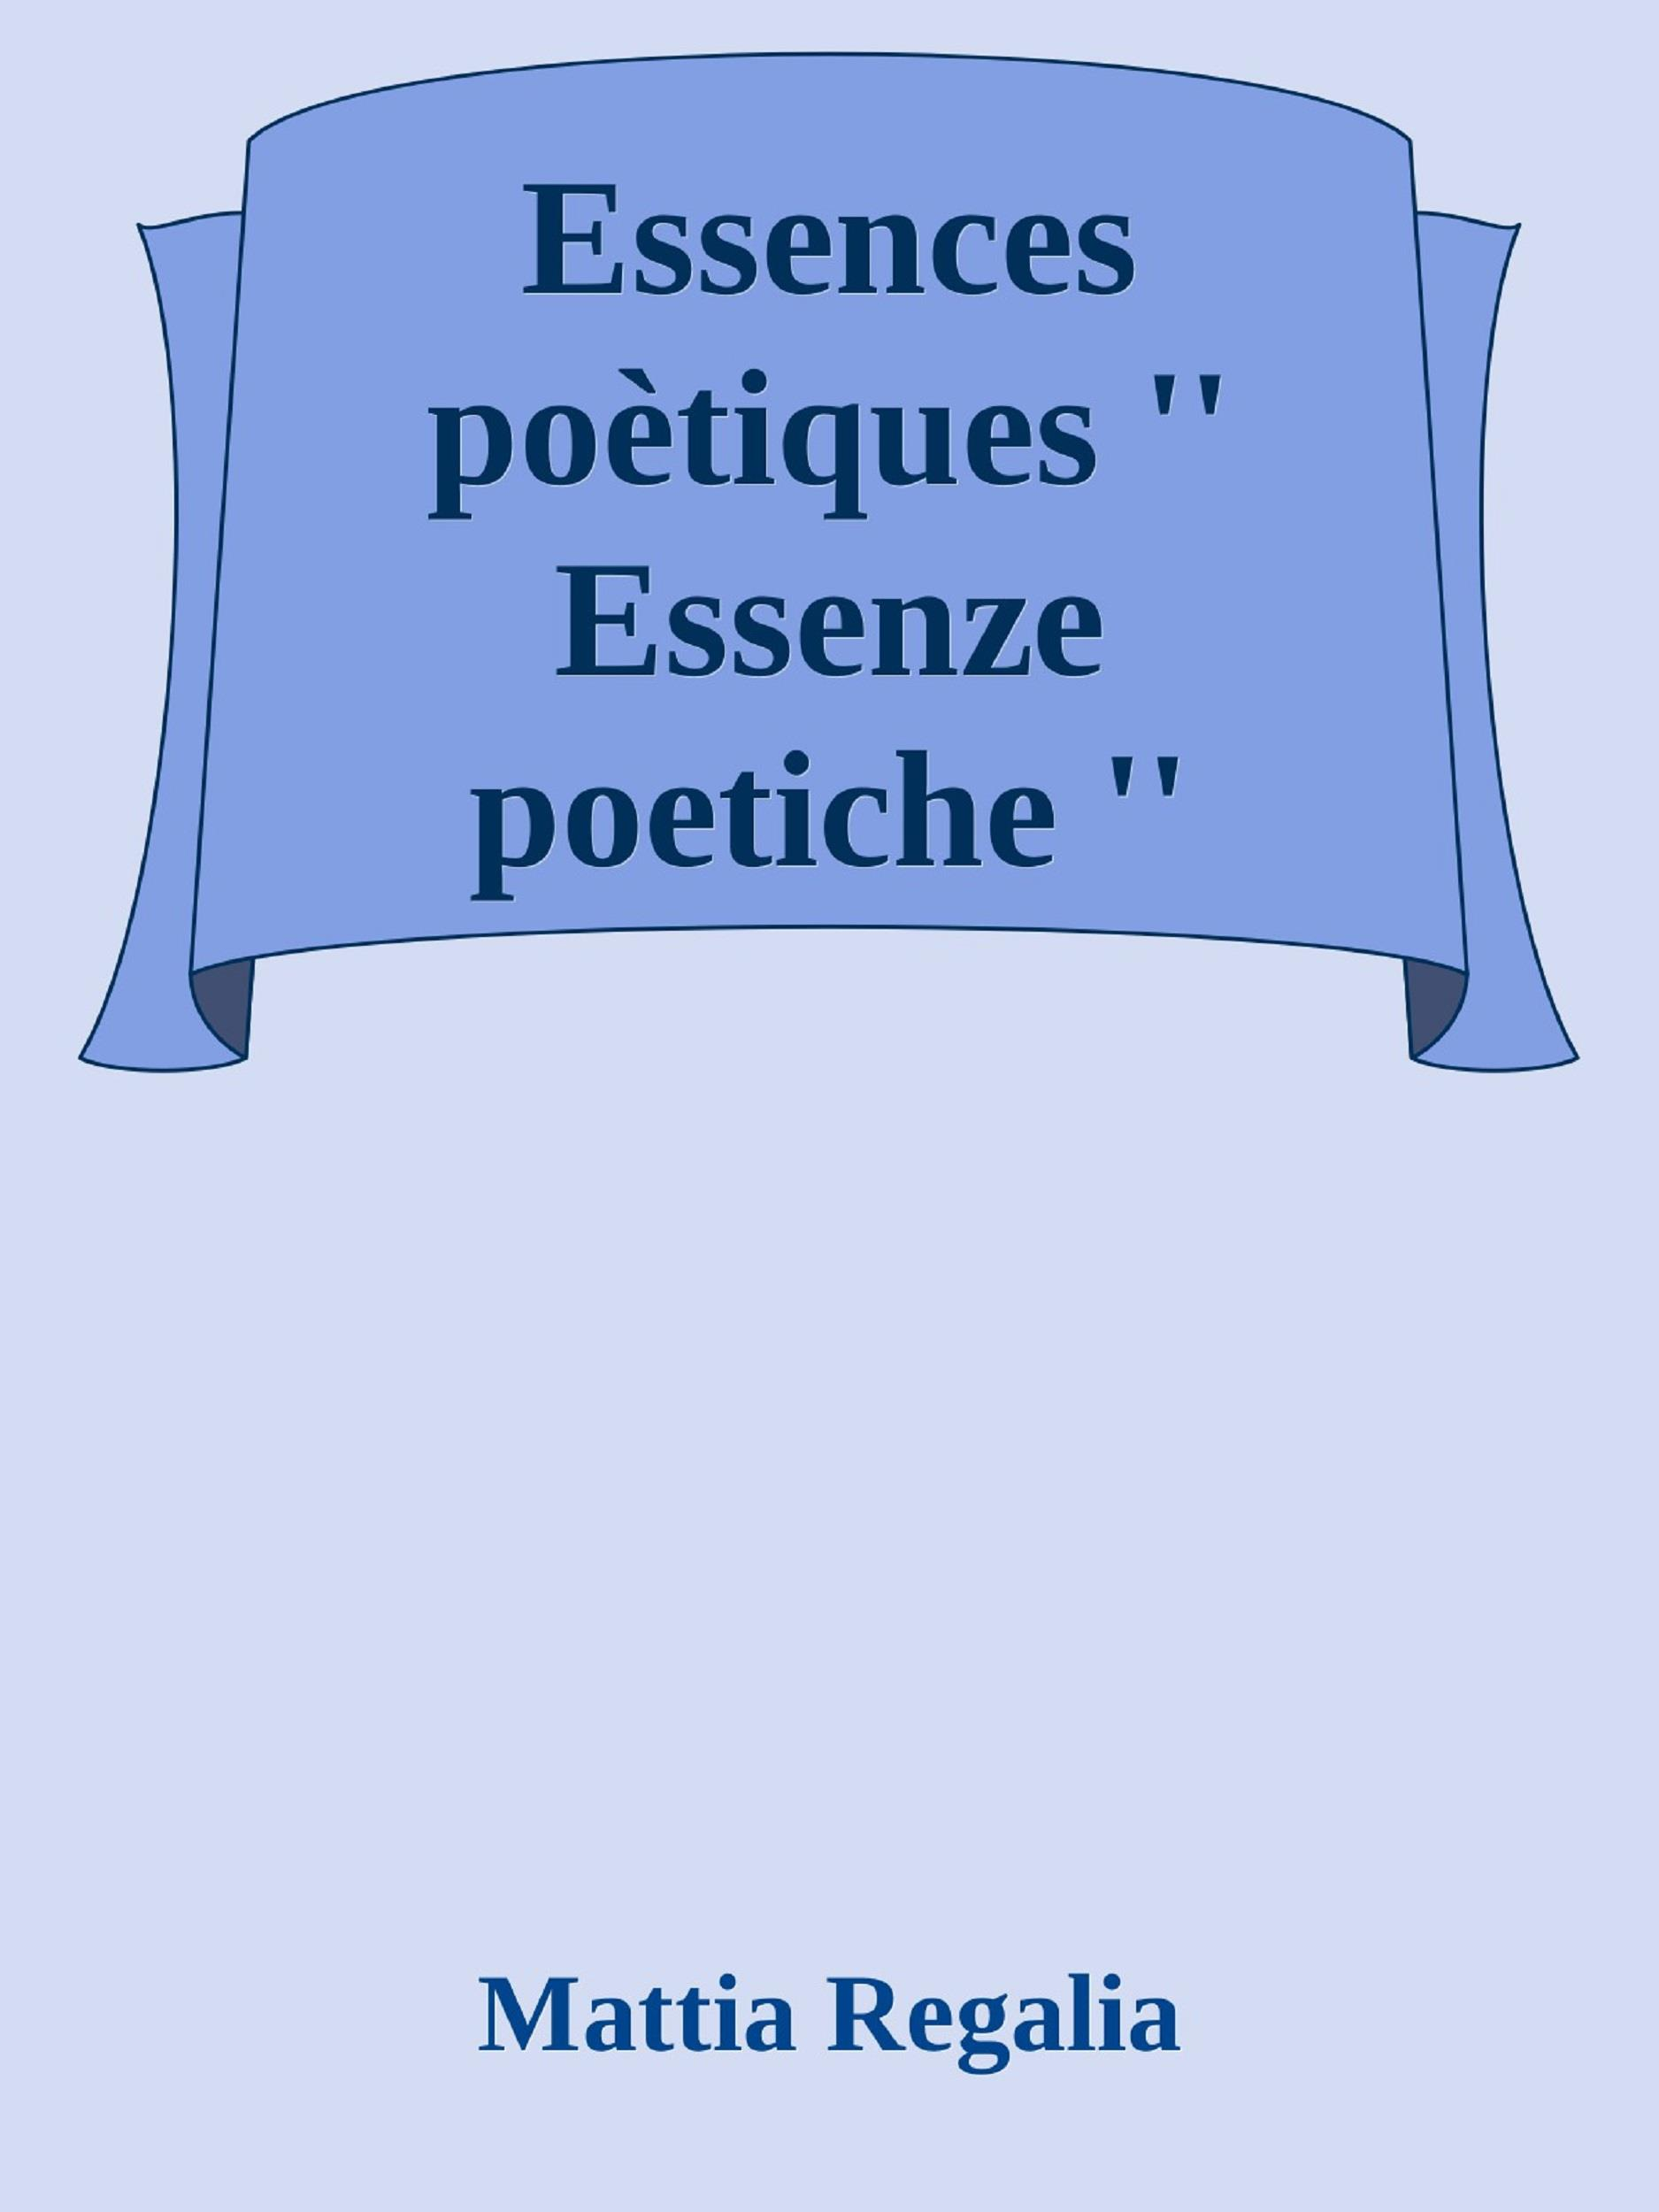 Essences  poètiques ''Essenze poetiche''